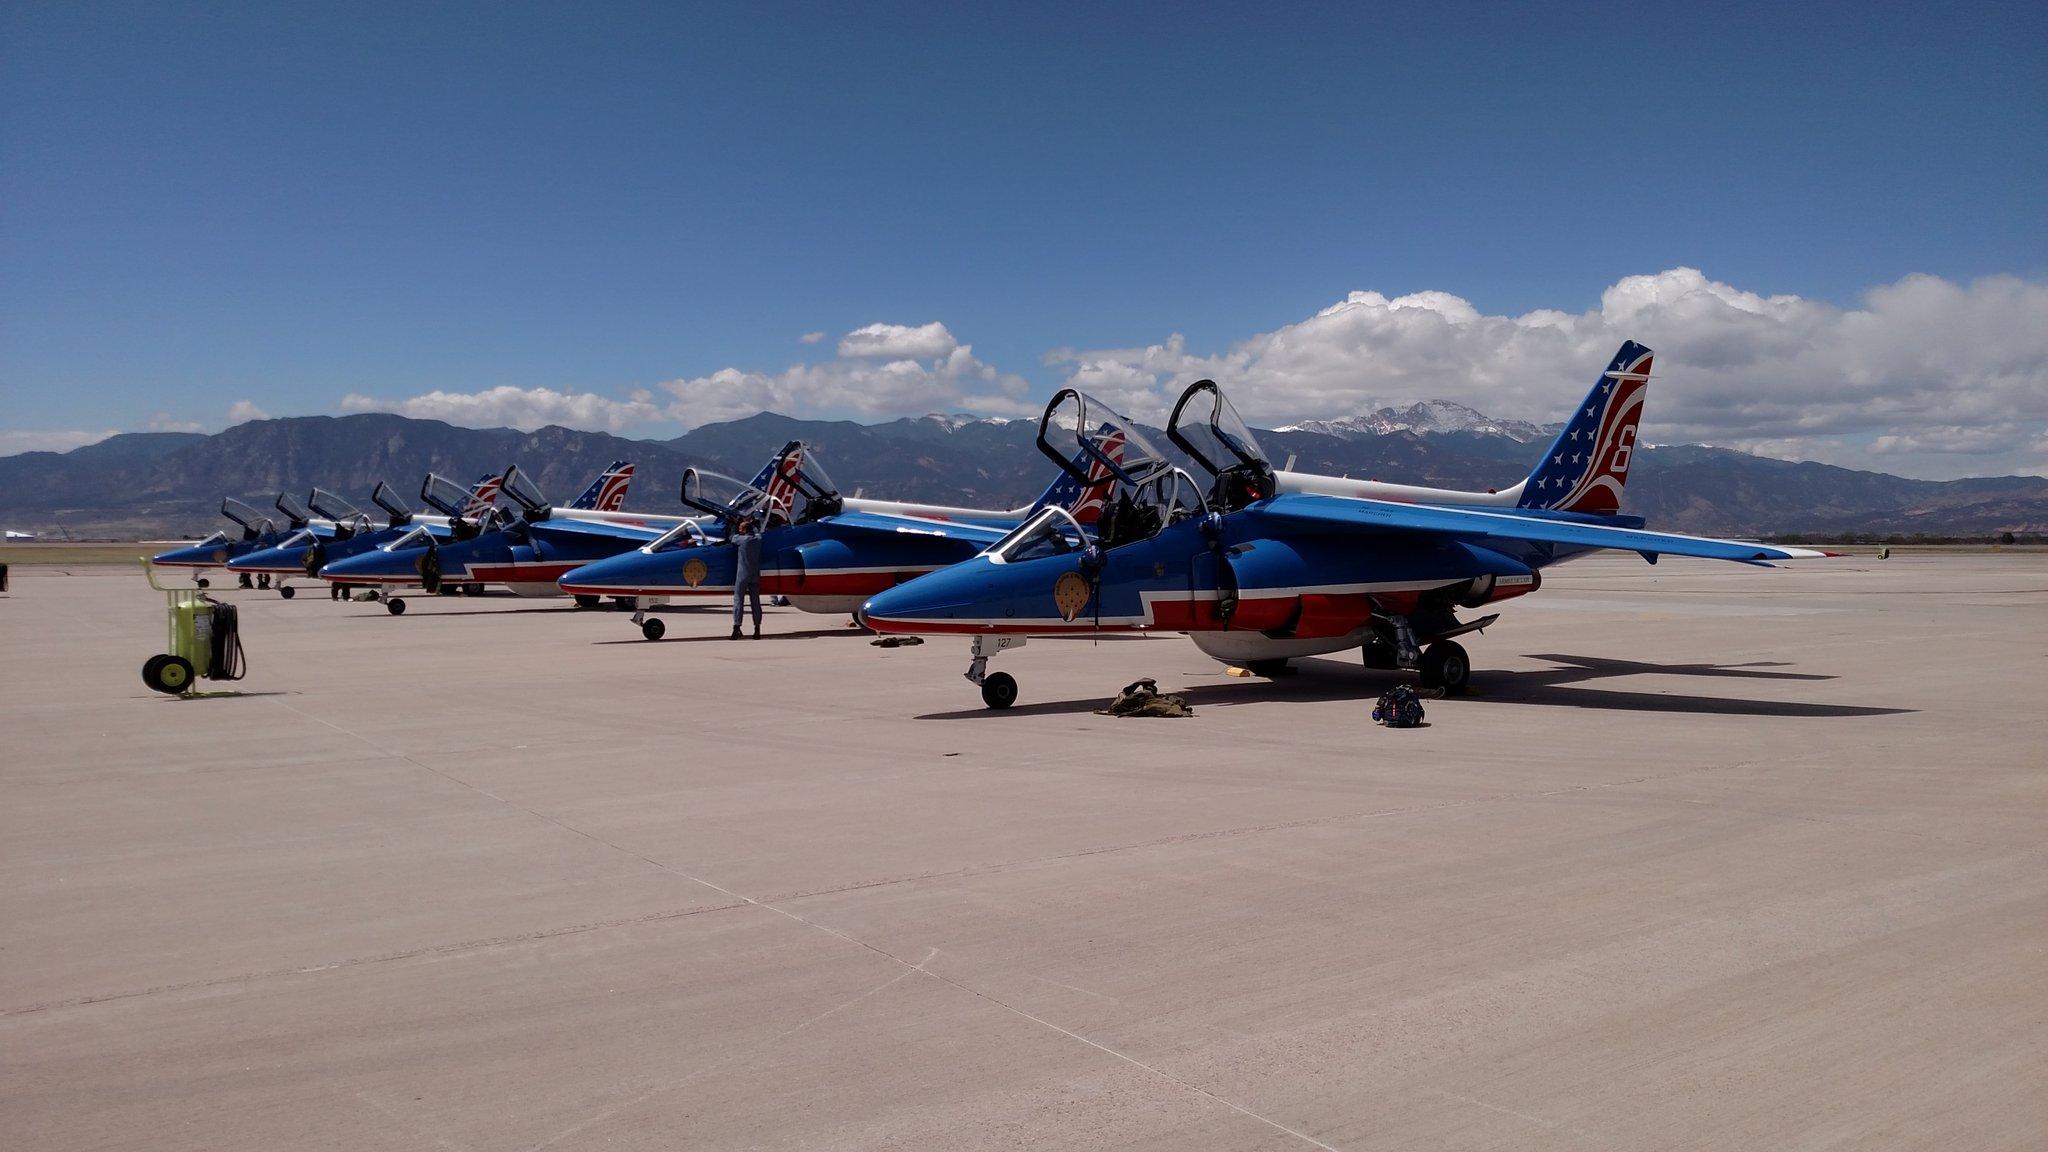 Patrouille de France stops at Peterson AFB